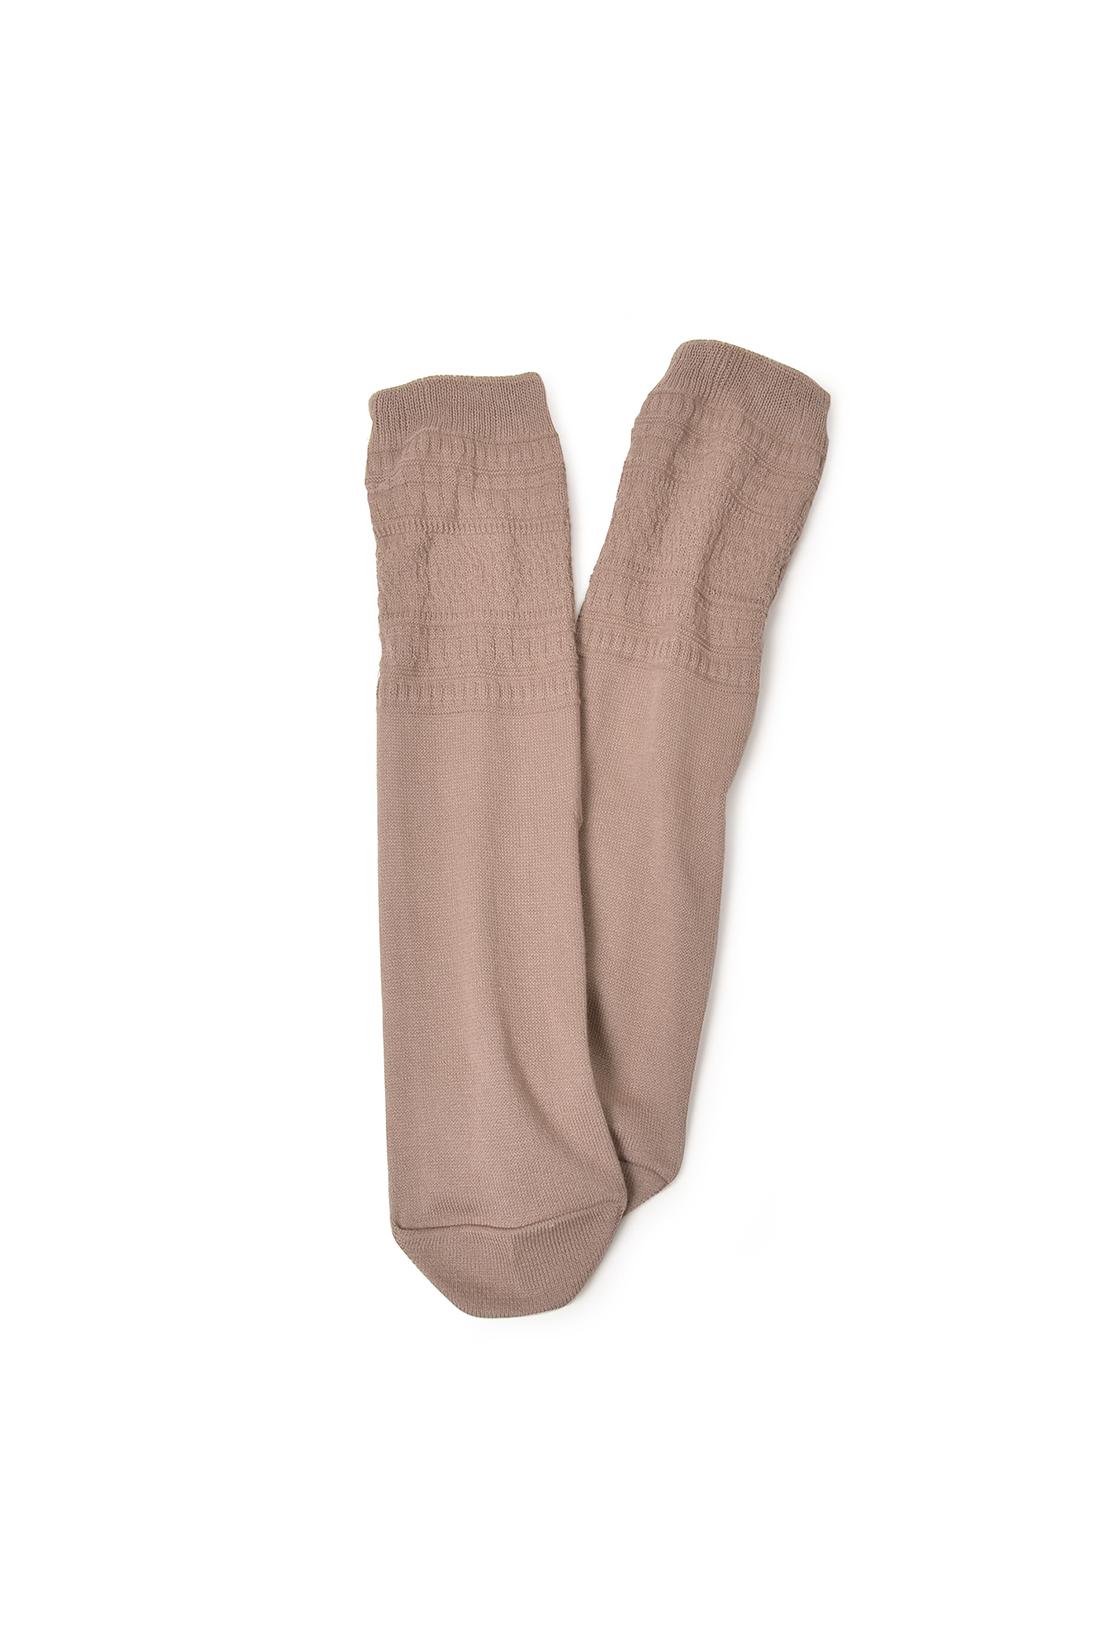 モコモコしない薄手生地。内側は足口からつま先まで、まるっとシルクで包めます。